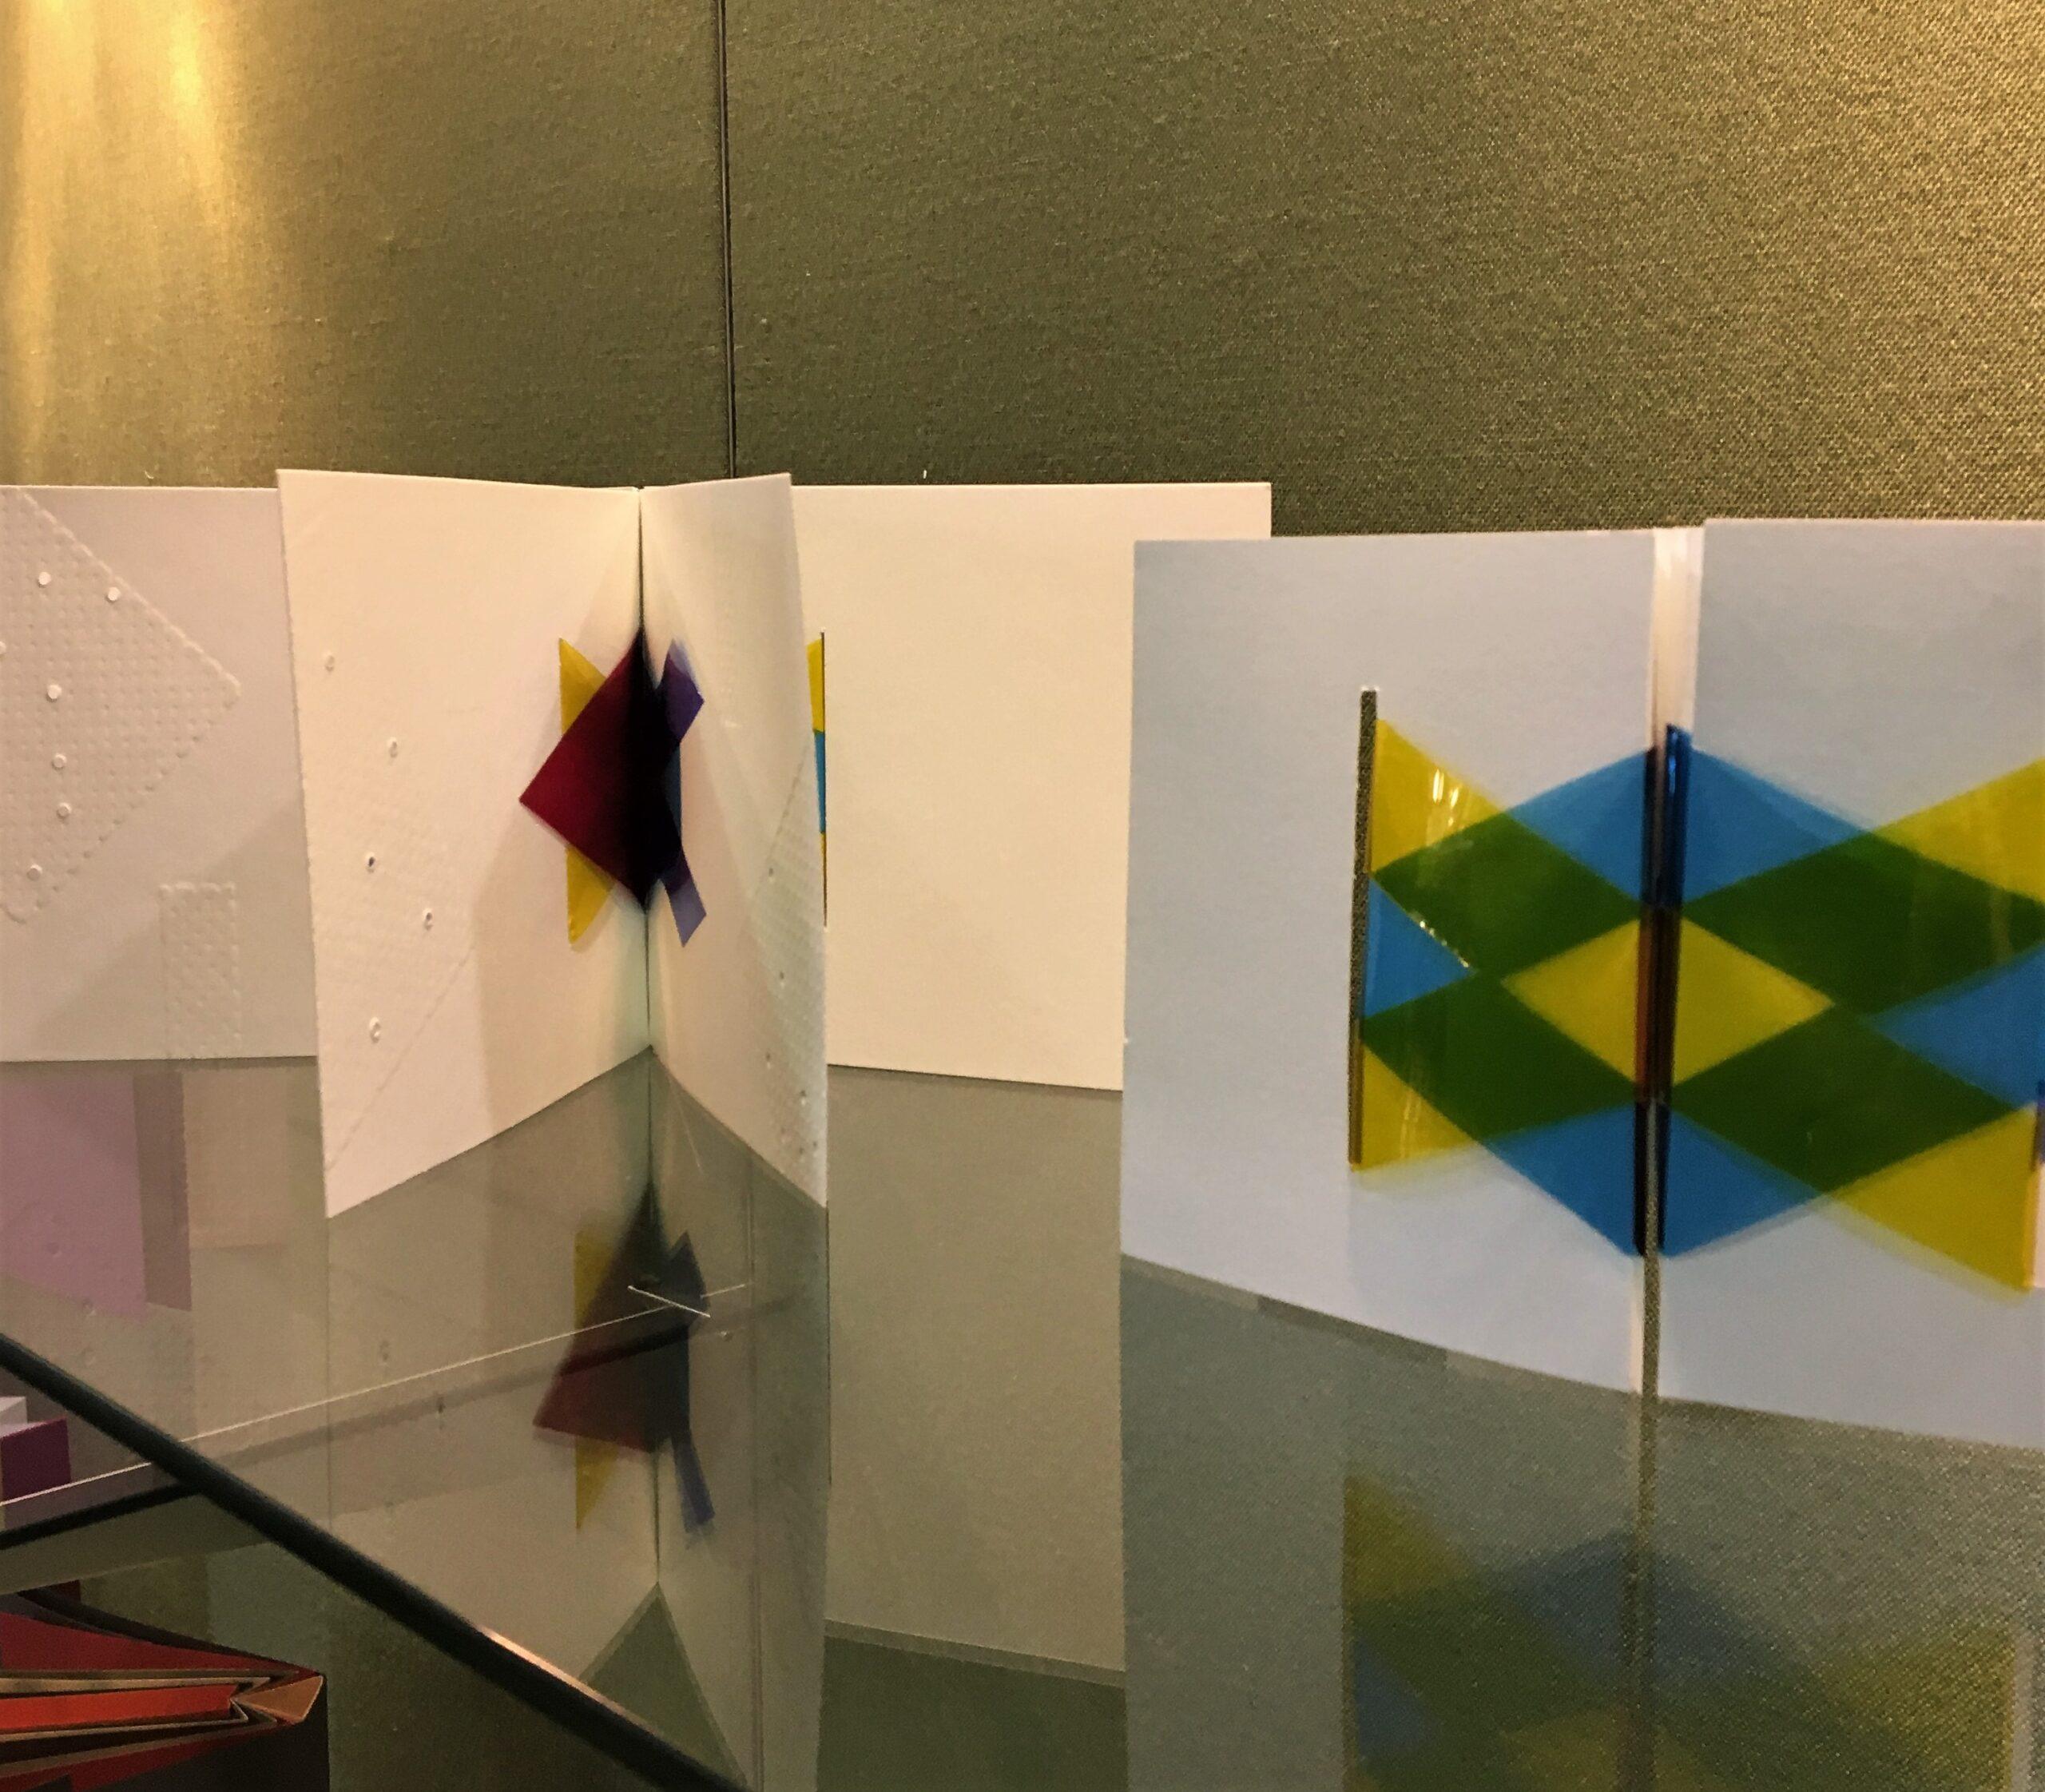 Encuadernación básica y sin adhesivo en la 2º planta